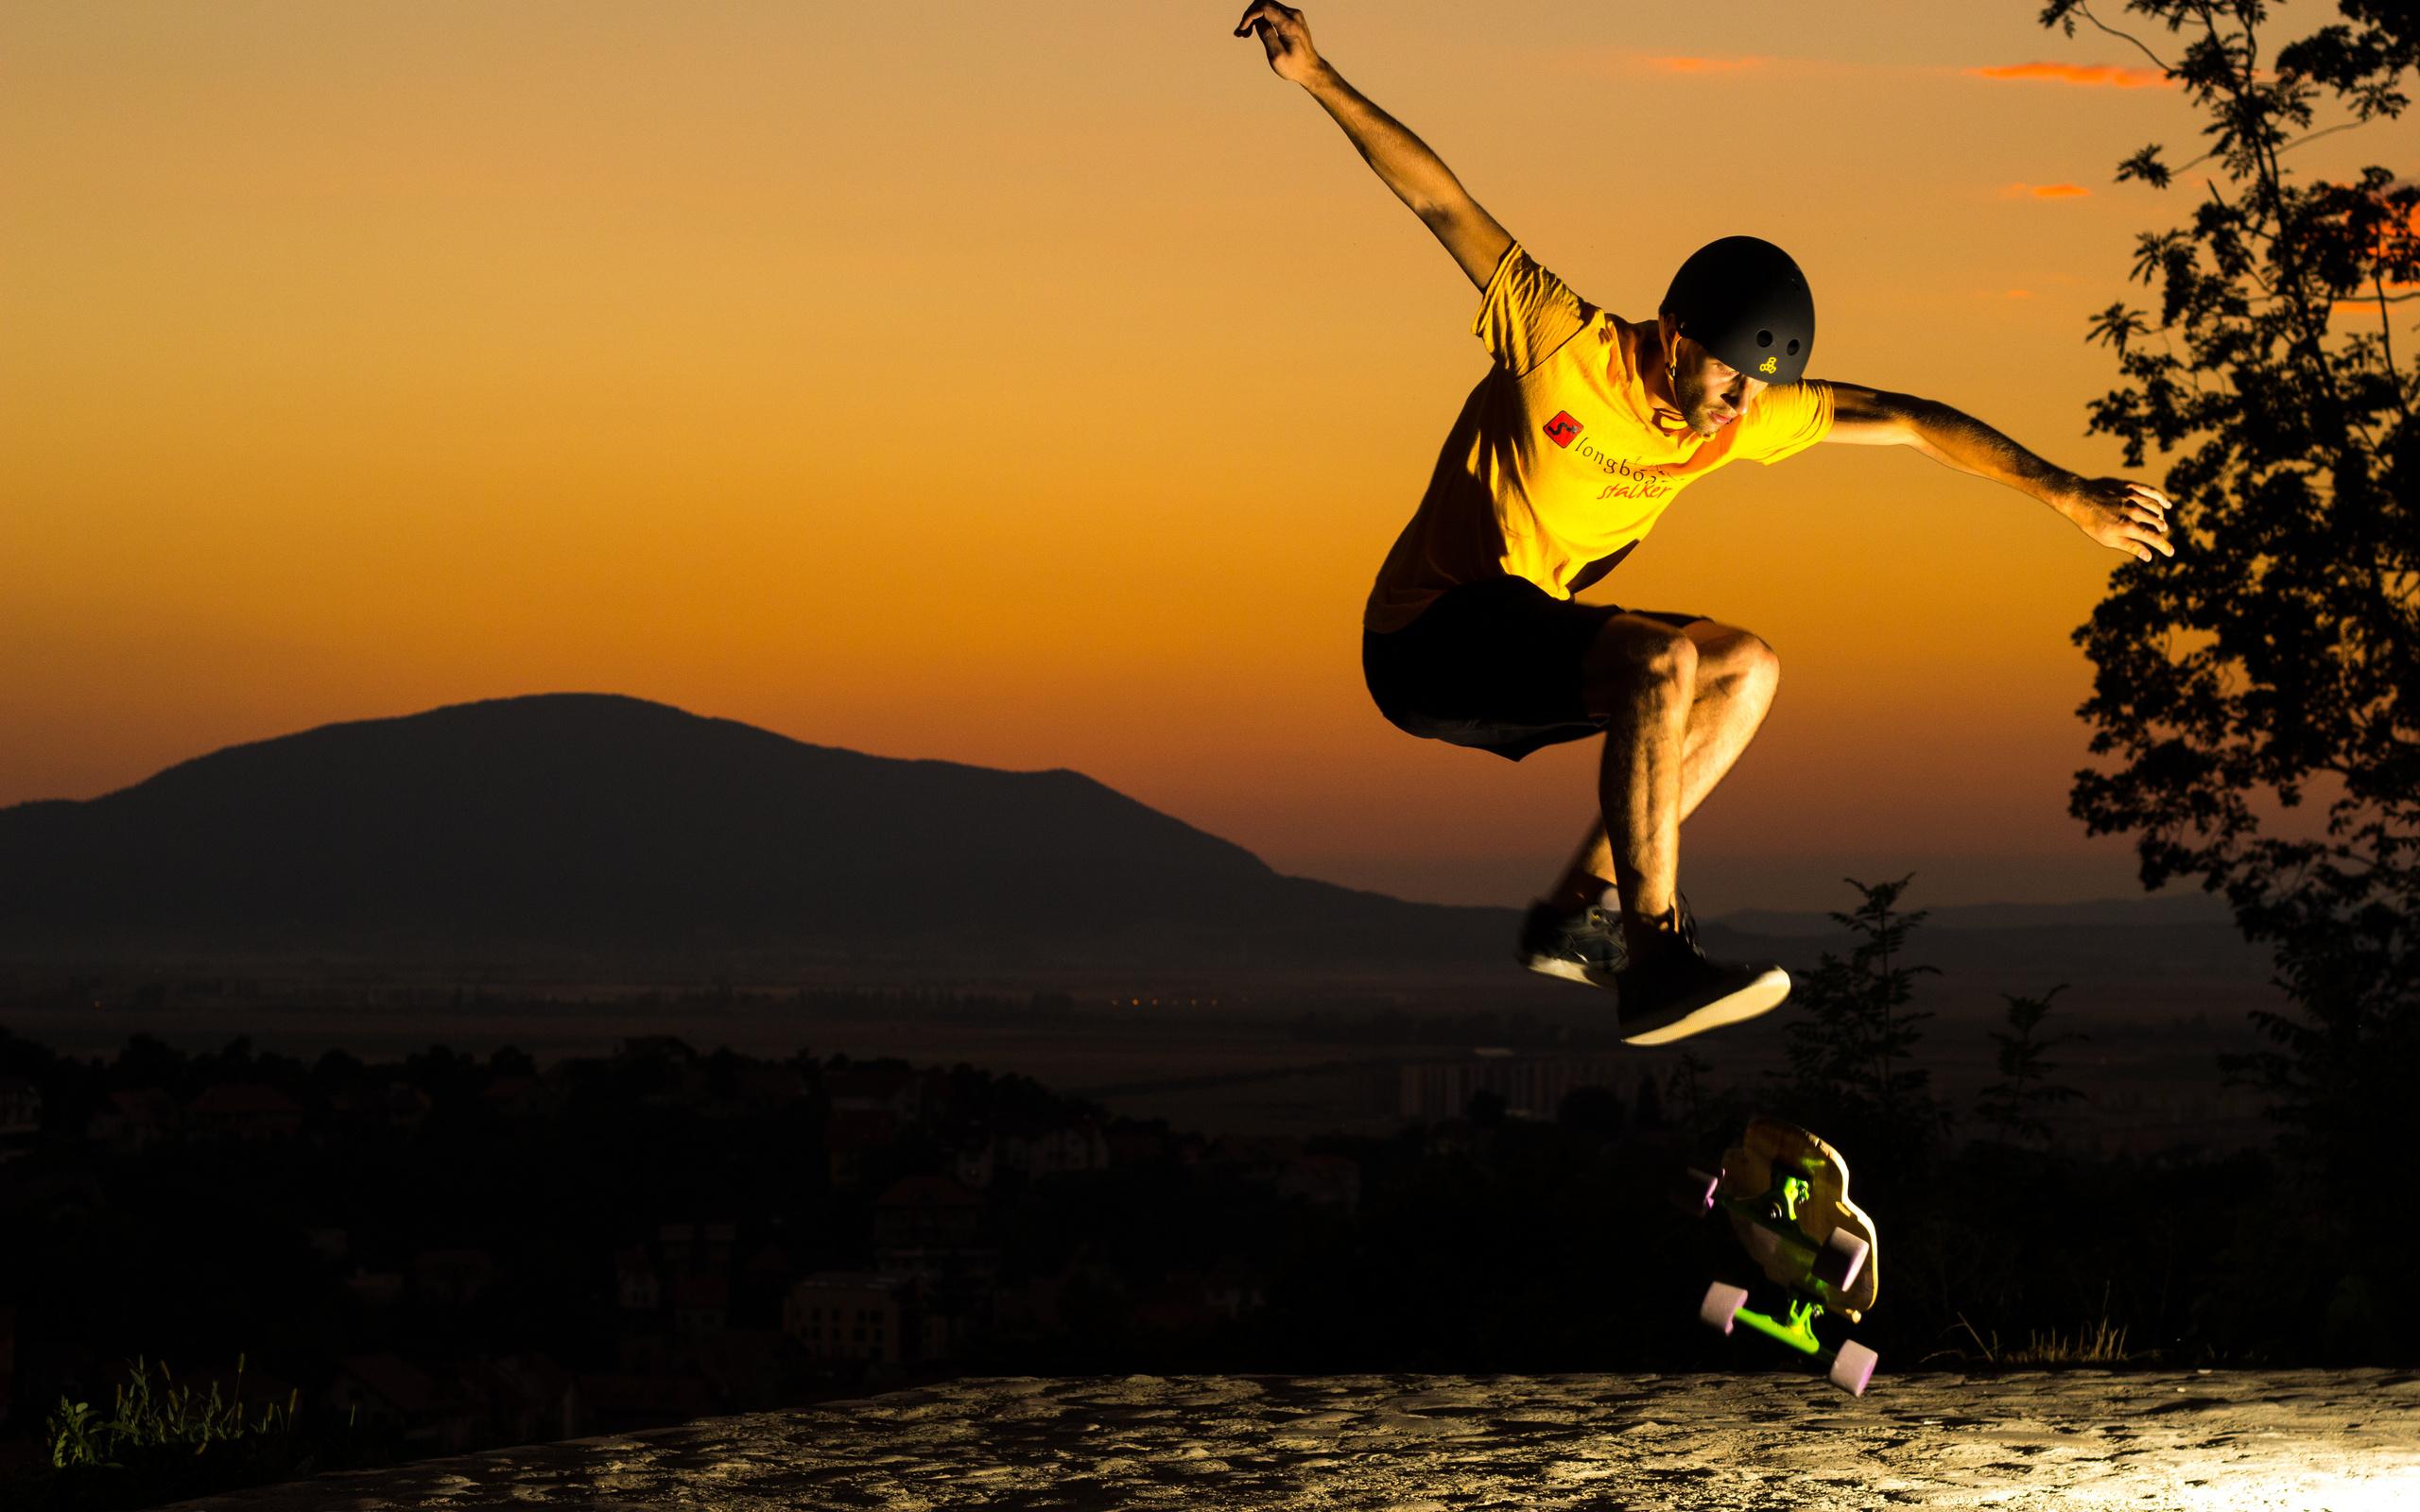 cool skateboarding wallpaper 35515